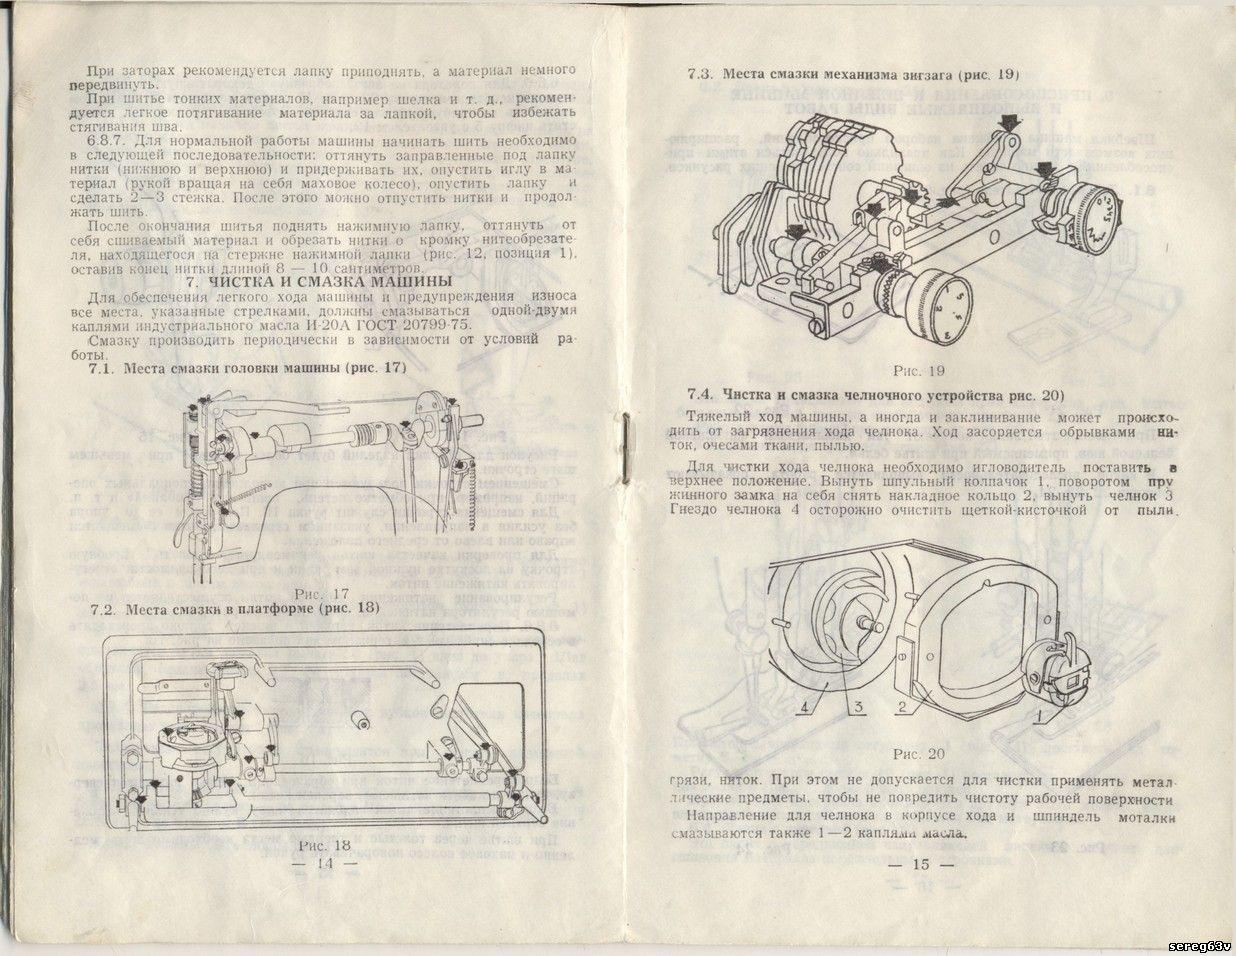 инструкция к машине подольск 2м